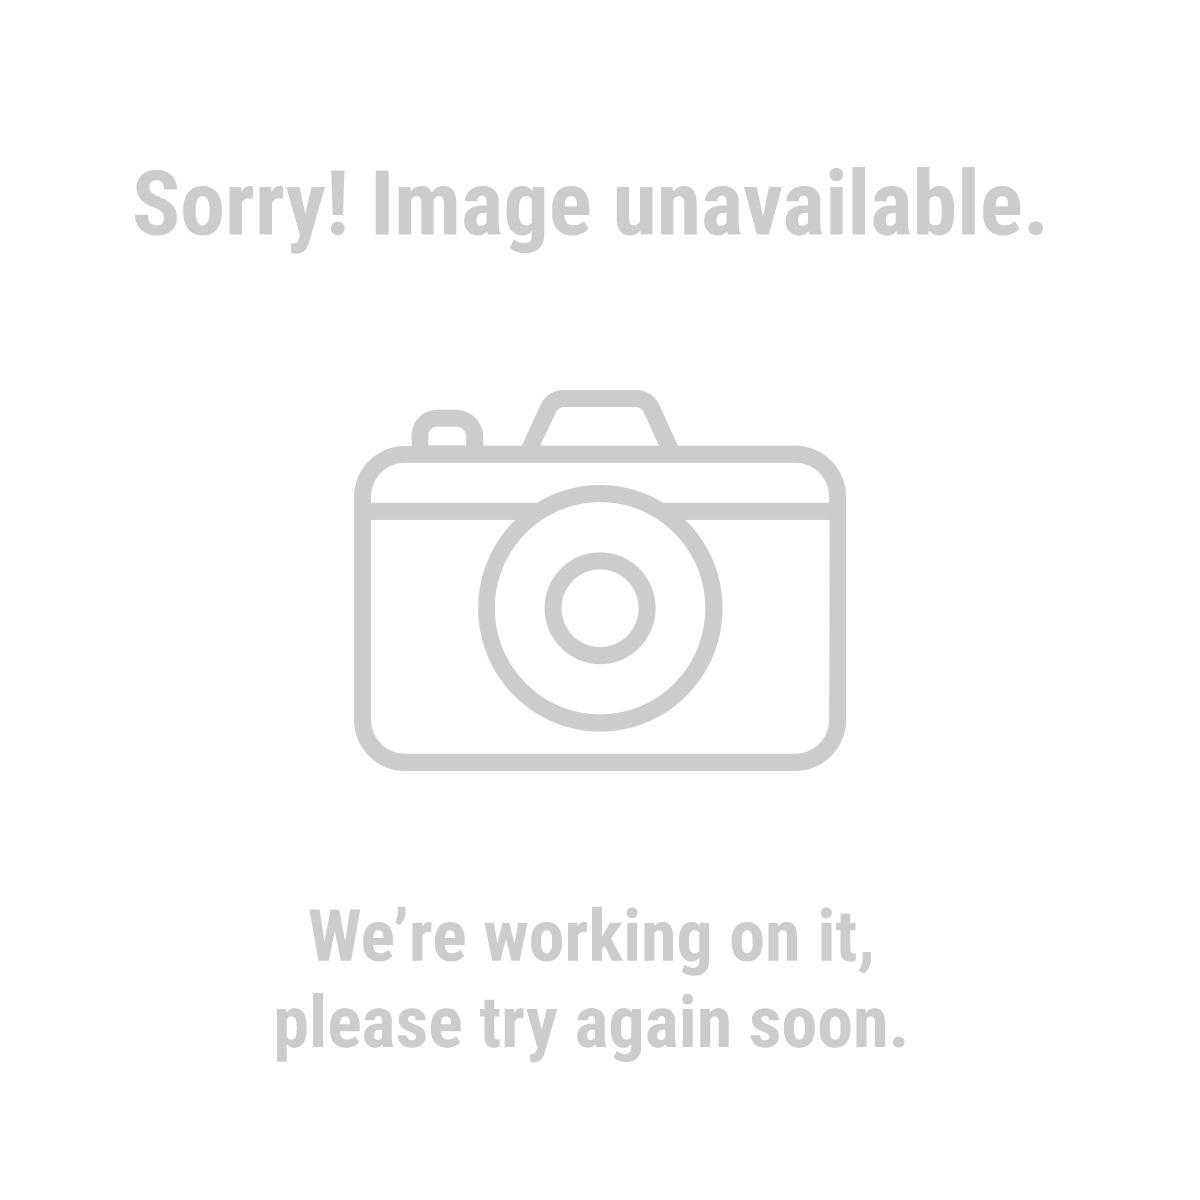 chicago electric 170 mig welder wiring diagram